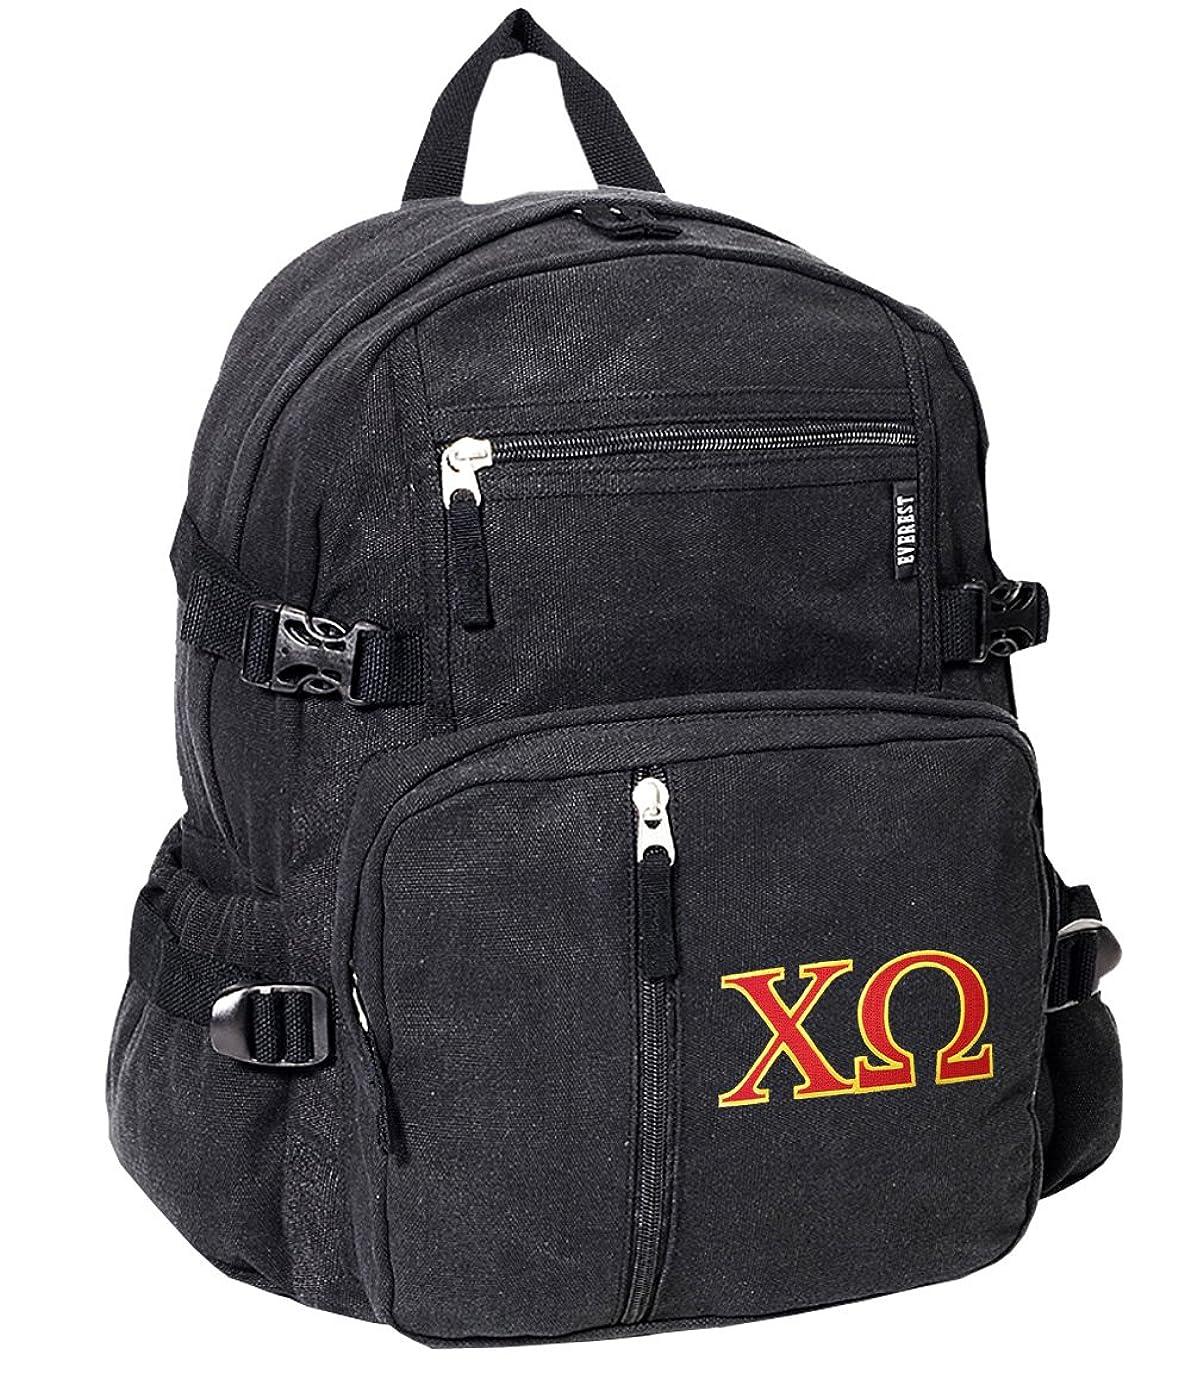 傾向会計キャビンChi OmegaバックパックキャンバスChi O Sorority学校や旅行バッグ